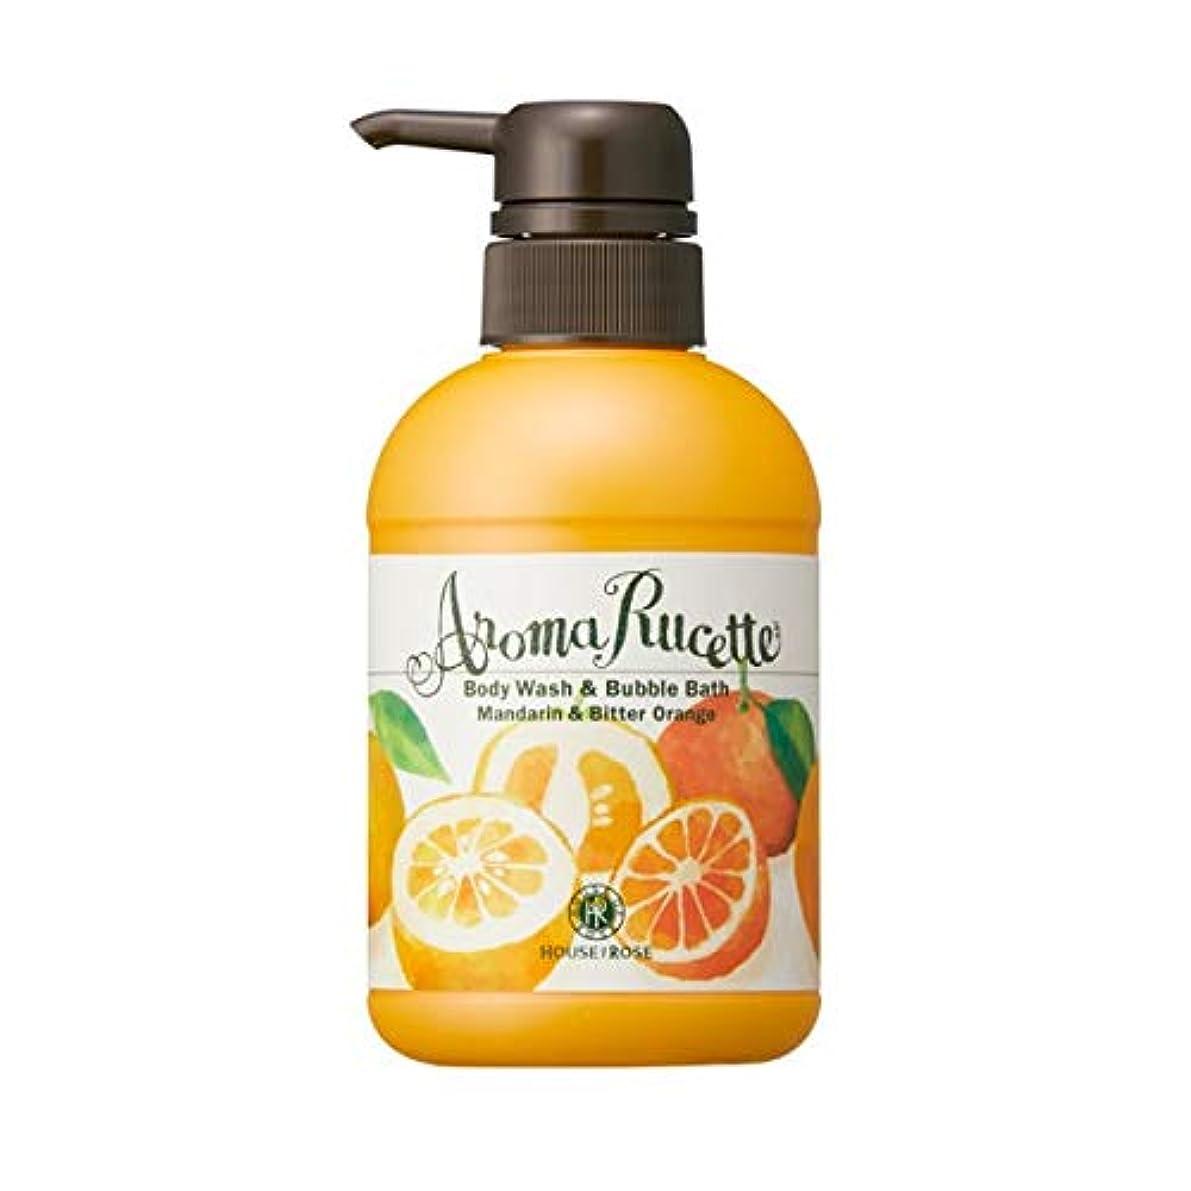 取り除く分解するおそらくHOUSE OF ROSE(ハウスオブローゼ) ハウスオブローゼ/アロマルセット ボディウォッシュ&バブルバス MD&BO(マンダリン&ビターオレンジの香り)350mL